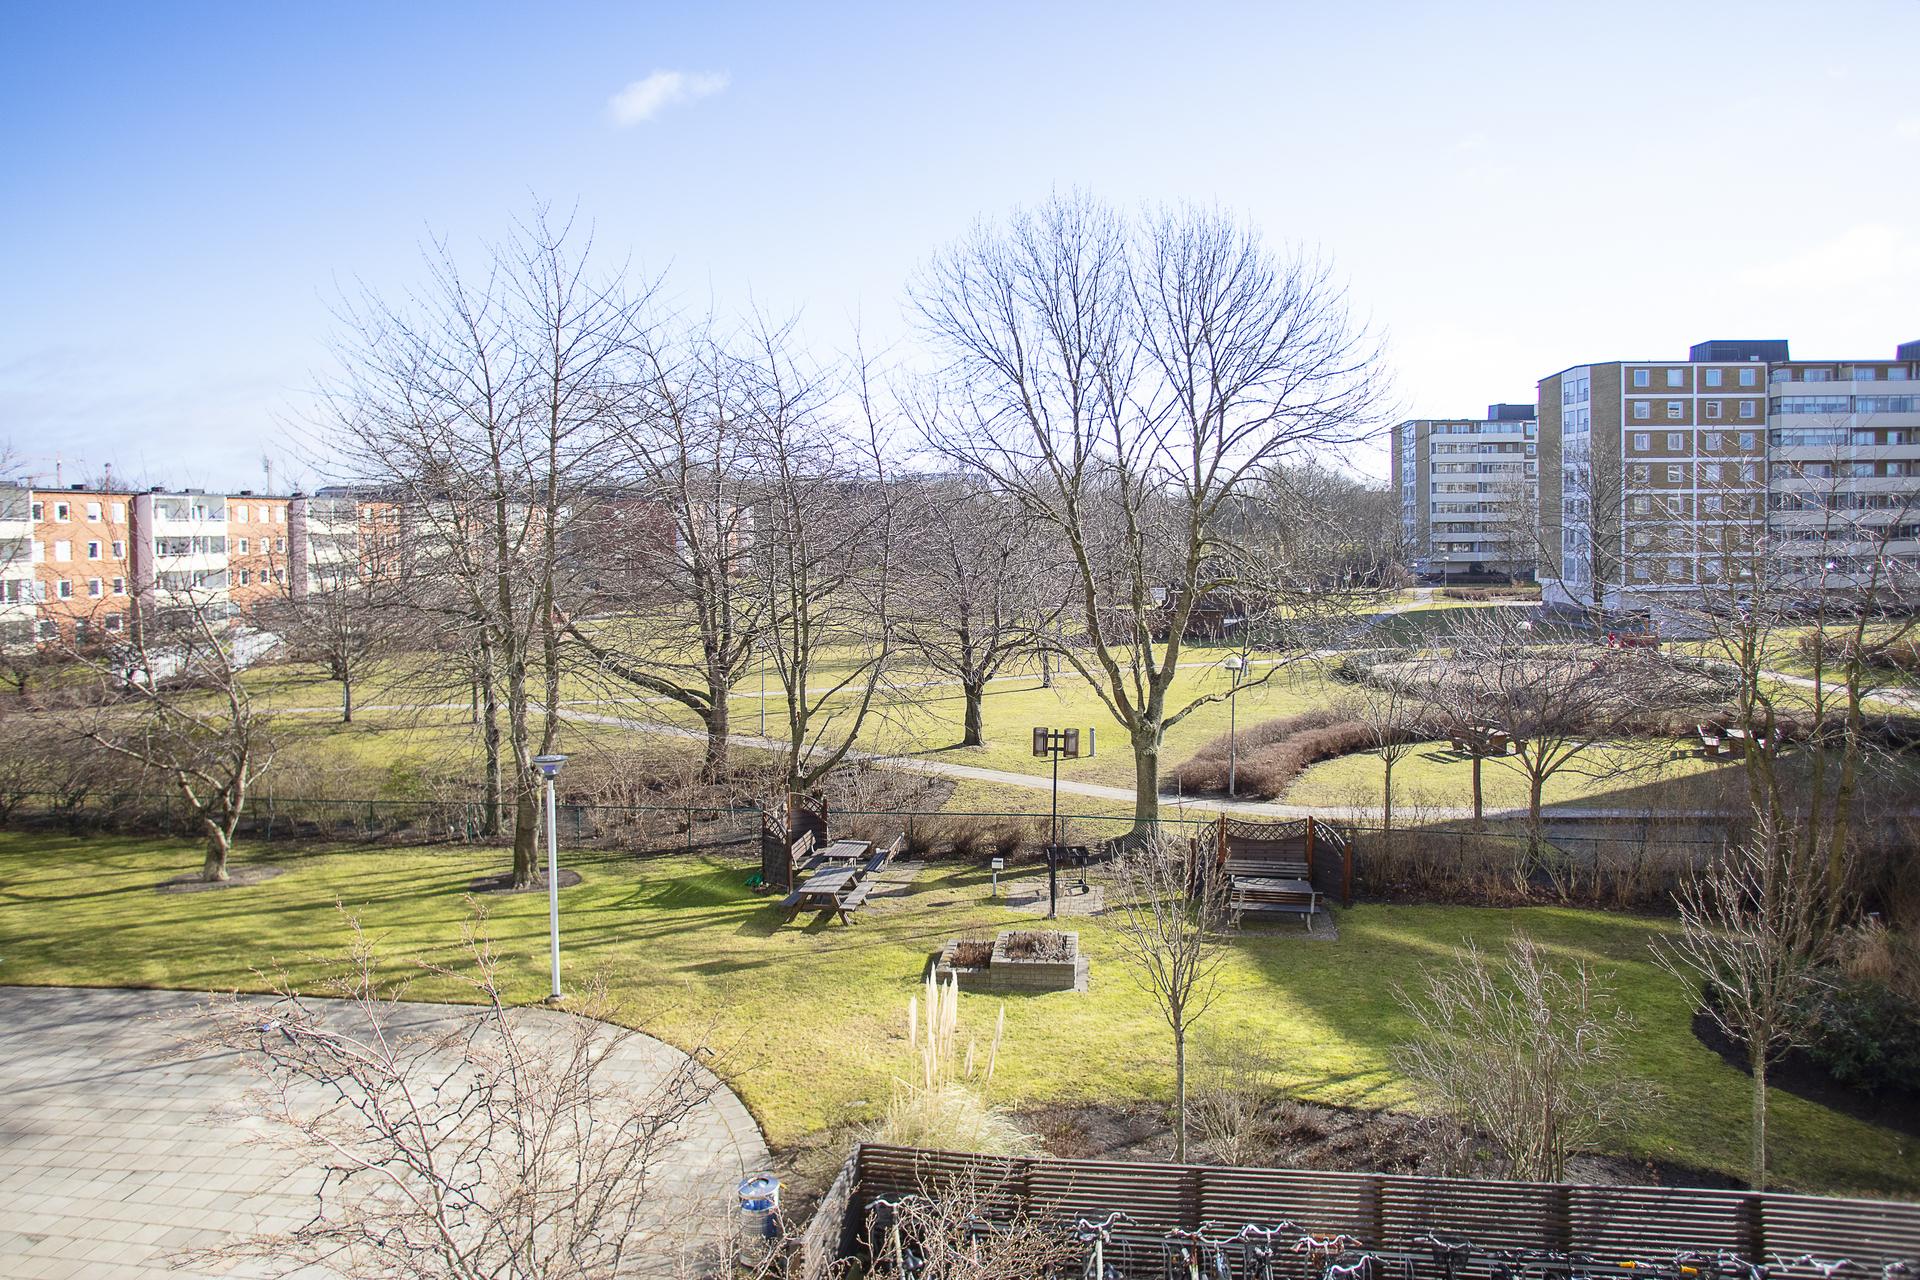 Från lägenheten har man öppen och fri utsikt över föreningens välskötta innergård